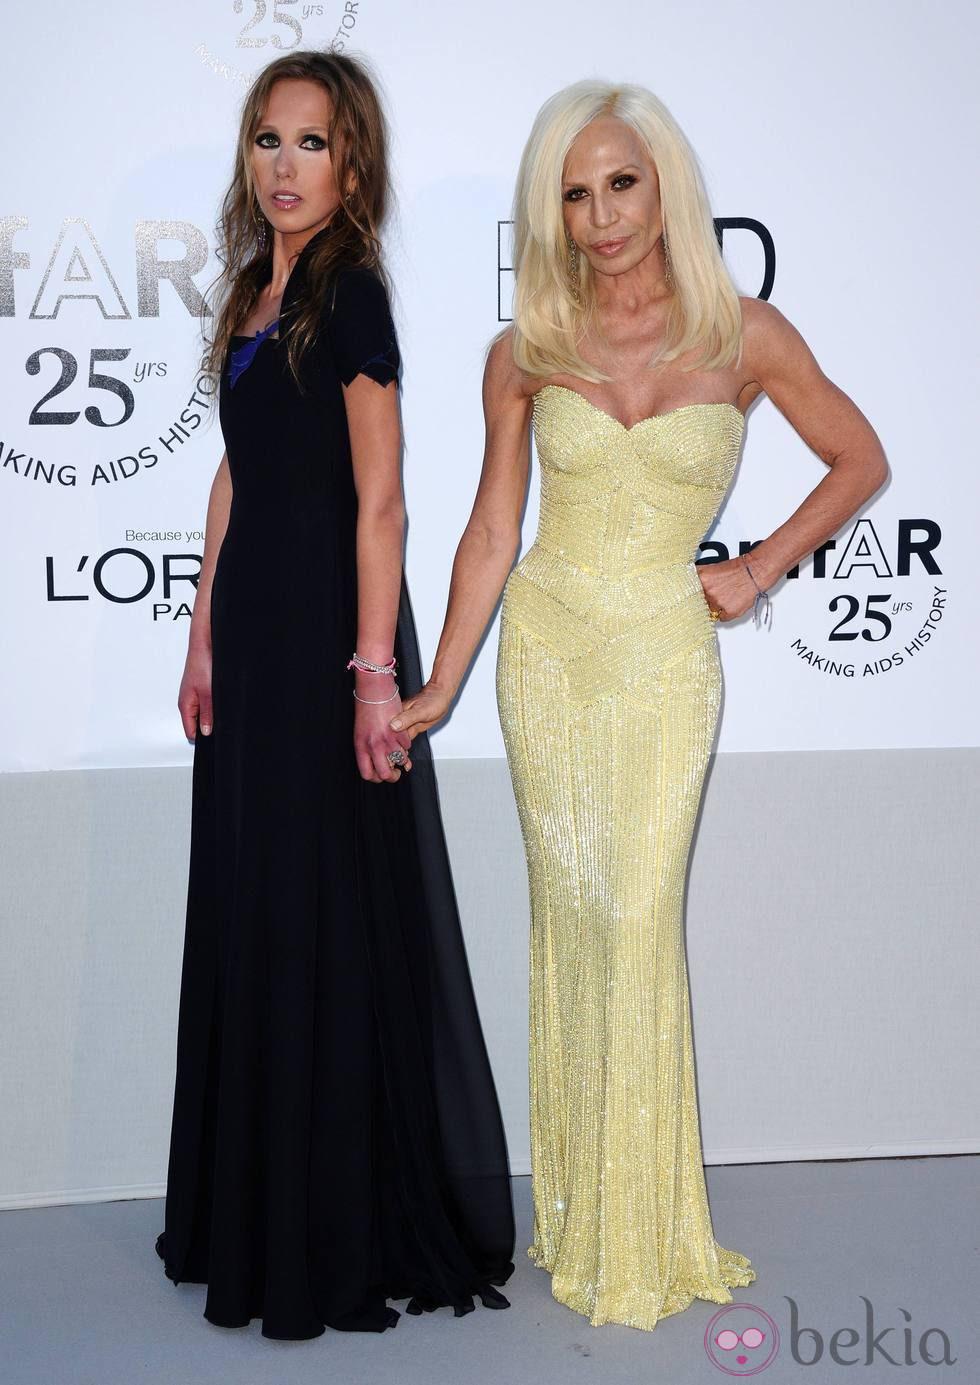 Donatella Versace tras pasar por el quirófano